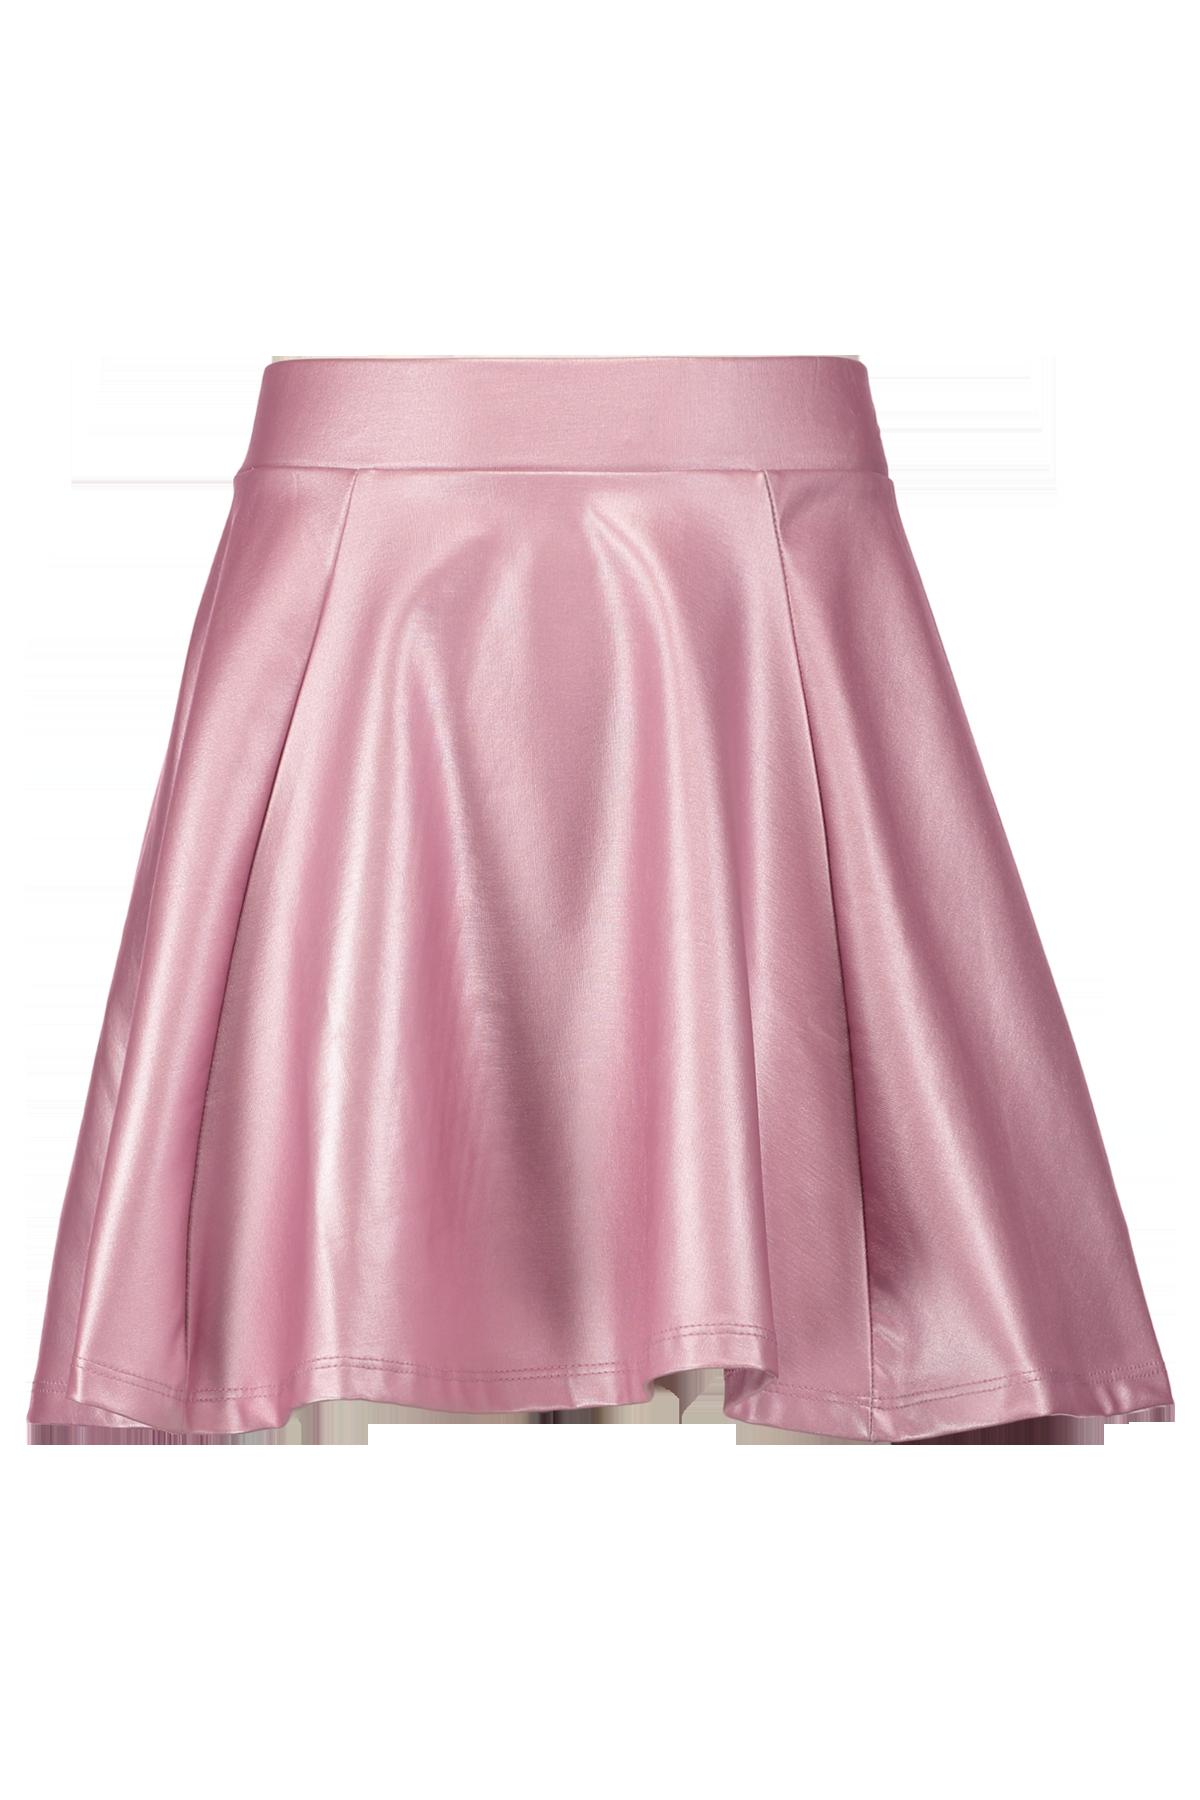 7fa78e148af5db CoolCat Meisjes Leather look rok Oskatywet Roze online kopen ...